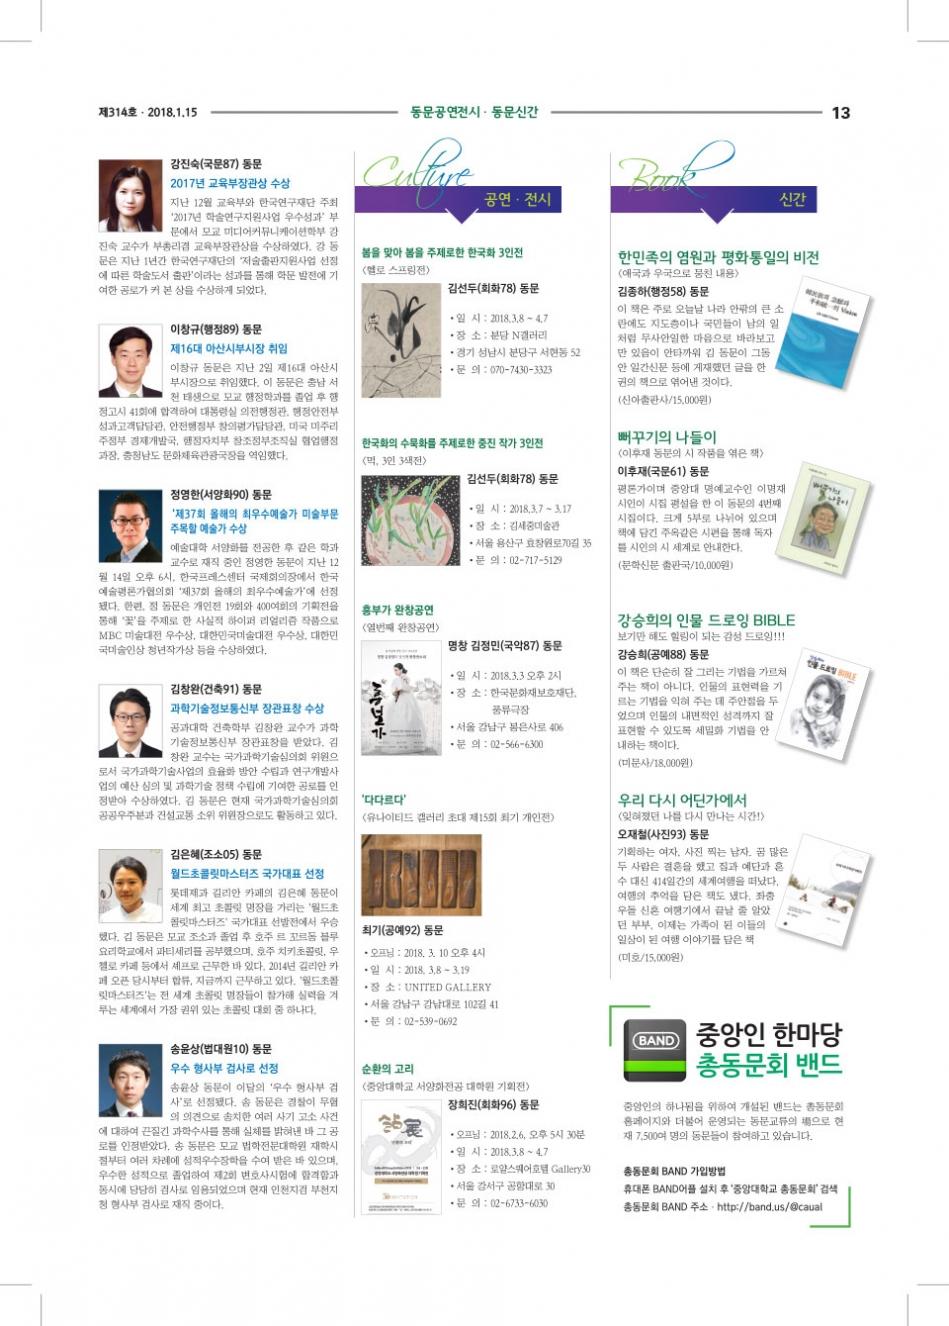 중총신문-18-2-15-최종00-OL인쇄다시-(1)-13.jpg